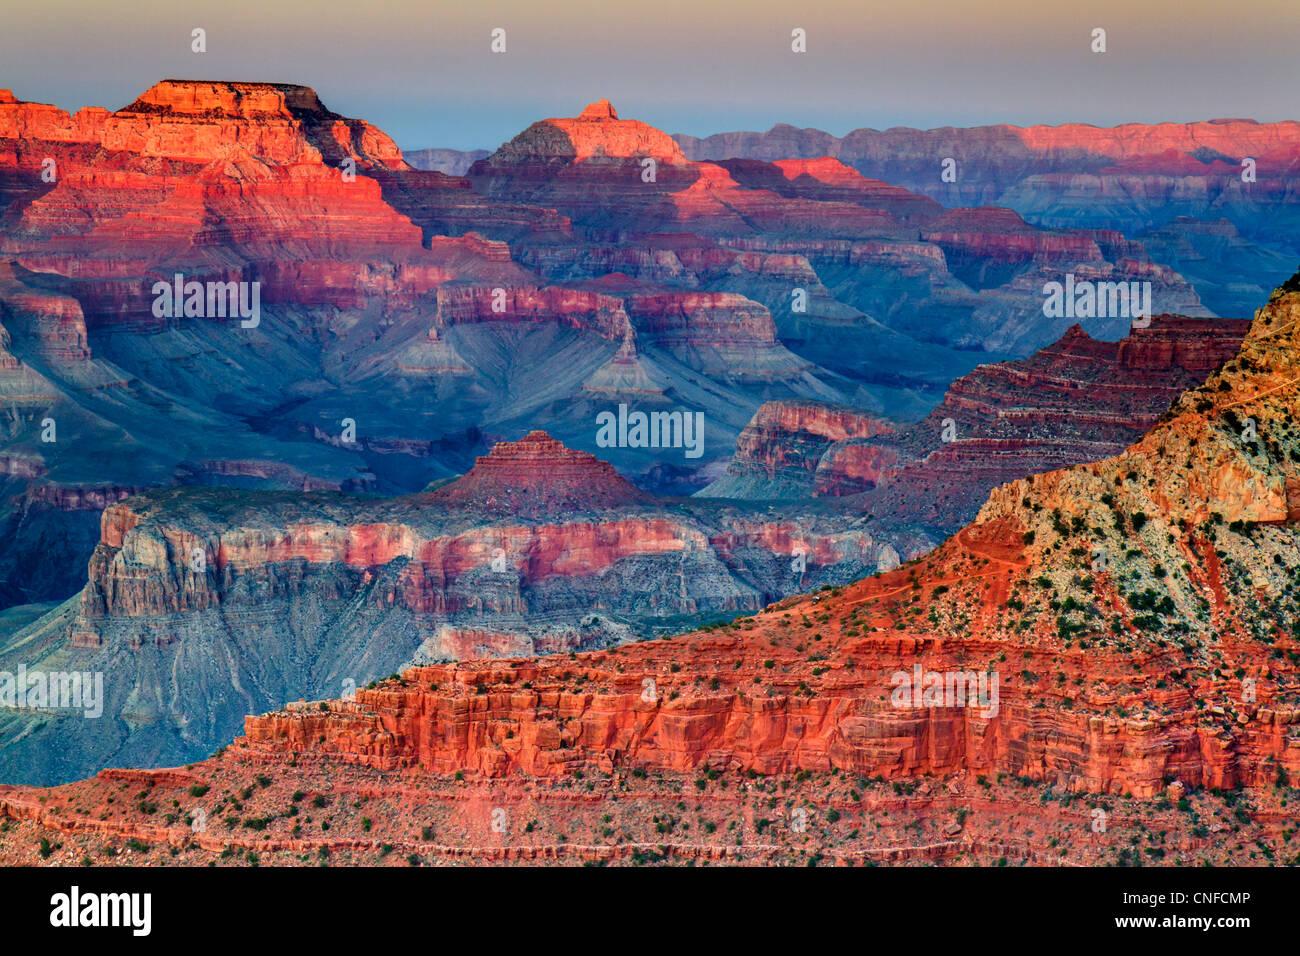 Tramonto al punto di madre, south rim, il Parco Nazionale del Grand Canyon (Arizona, USA). Tecnica HDR. Immagini Stock